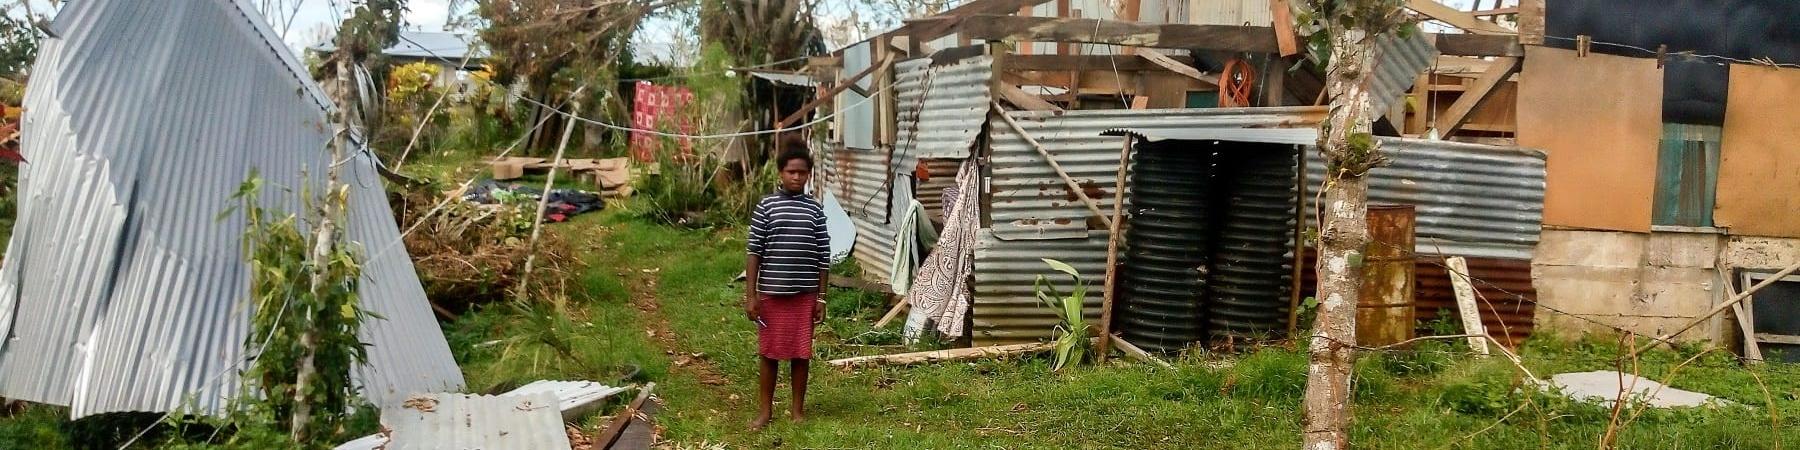 Una bambina in lontananza con gonna rossa e maglietta a righe bianche e nere si trova in piedi e scalza sul prato. Dietro di lei una casa distrutta al passaggio di un ciclone sulle isole Fiji